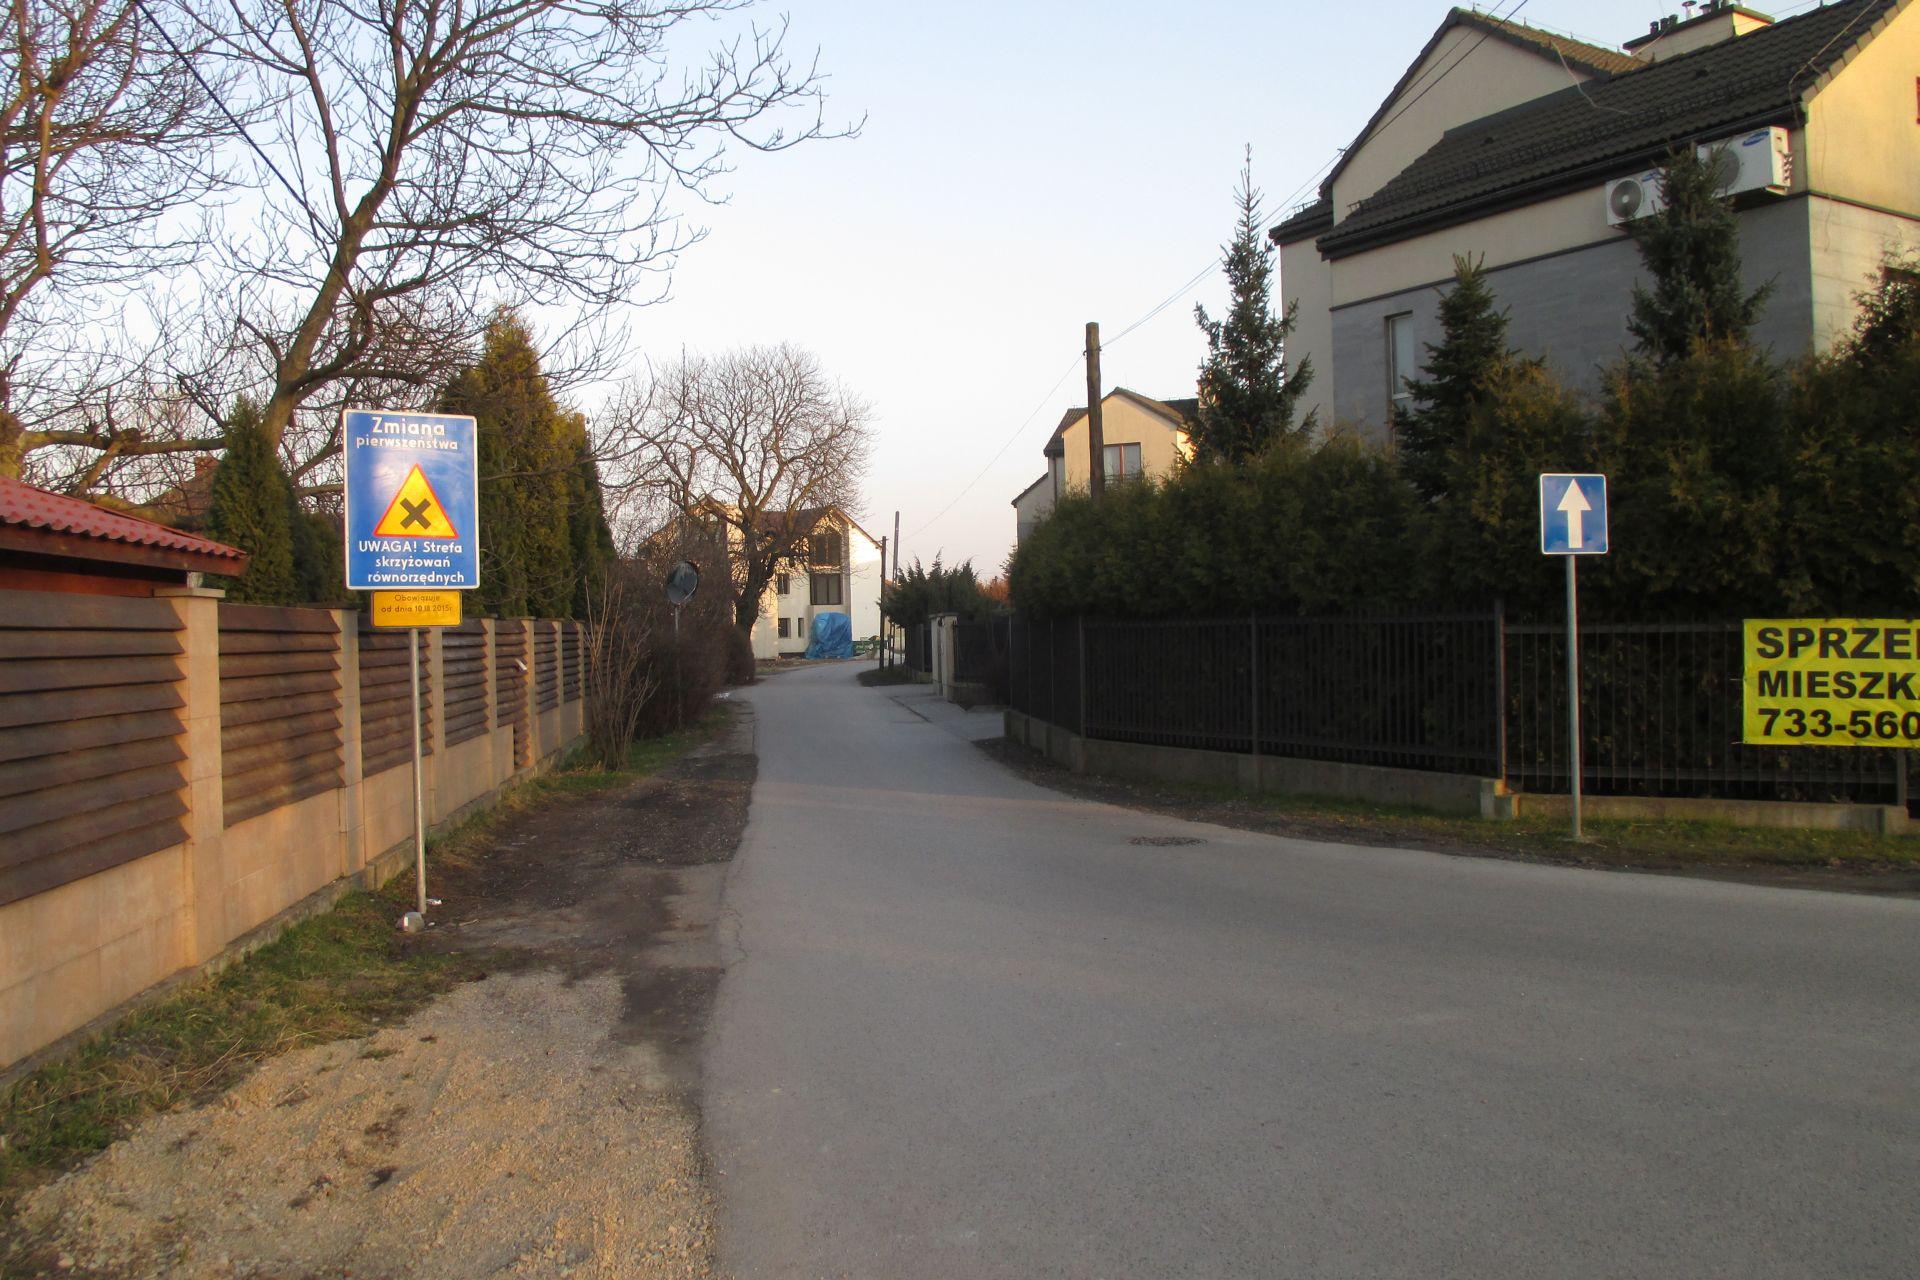 Wjazd na ul. Hamernia - brak kontrapasa (marzec 2015)